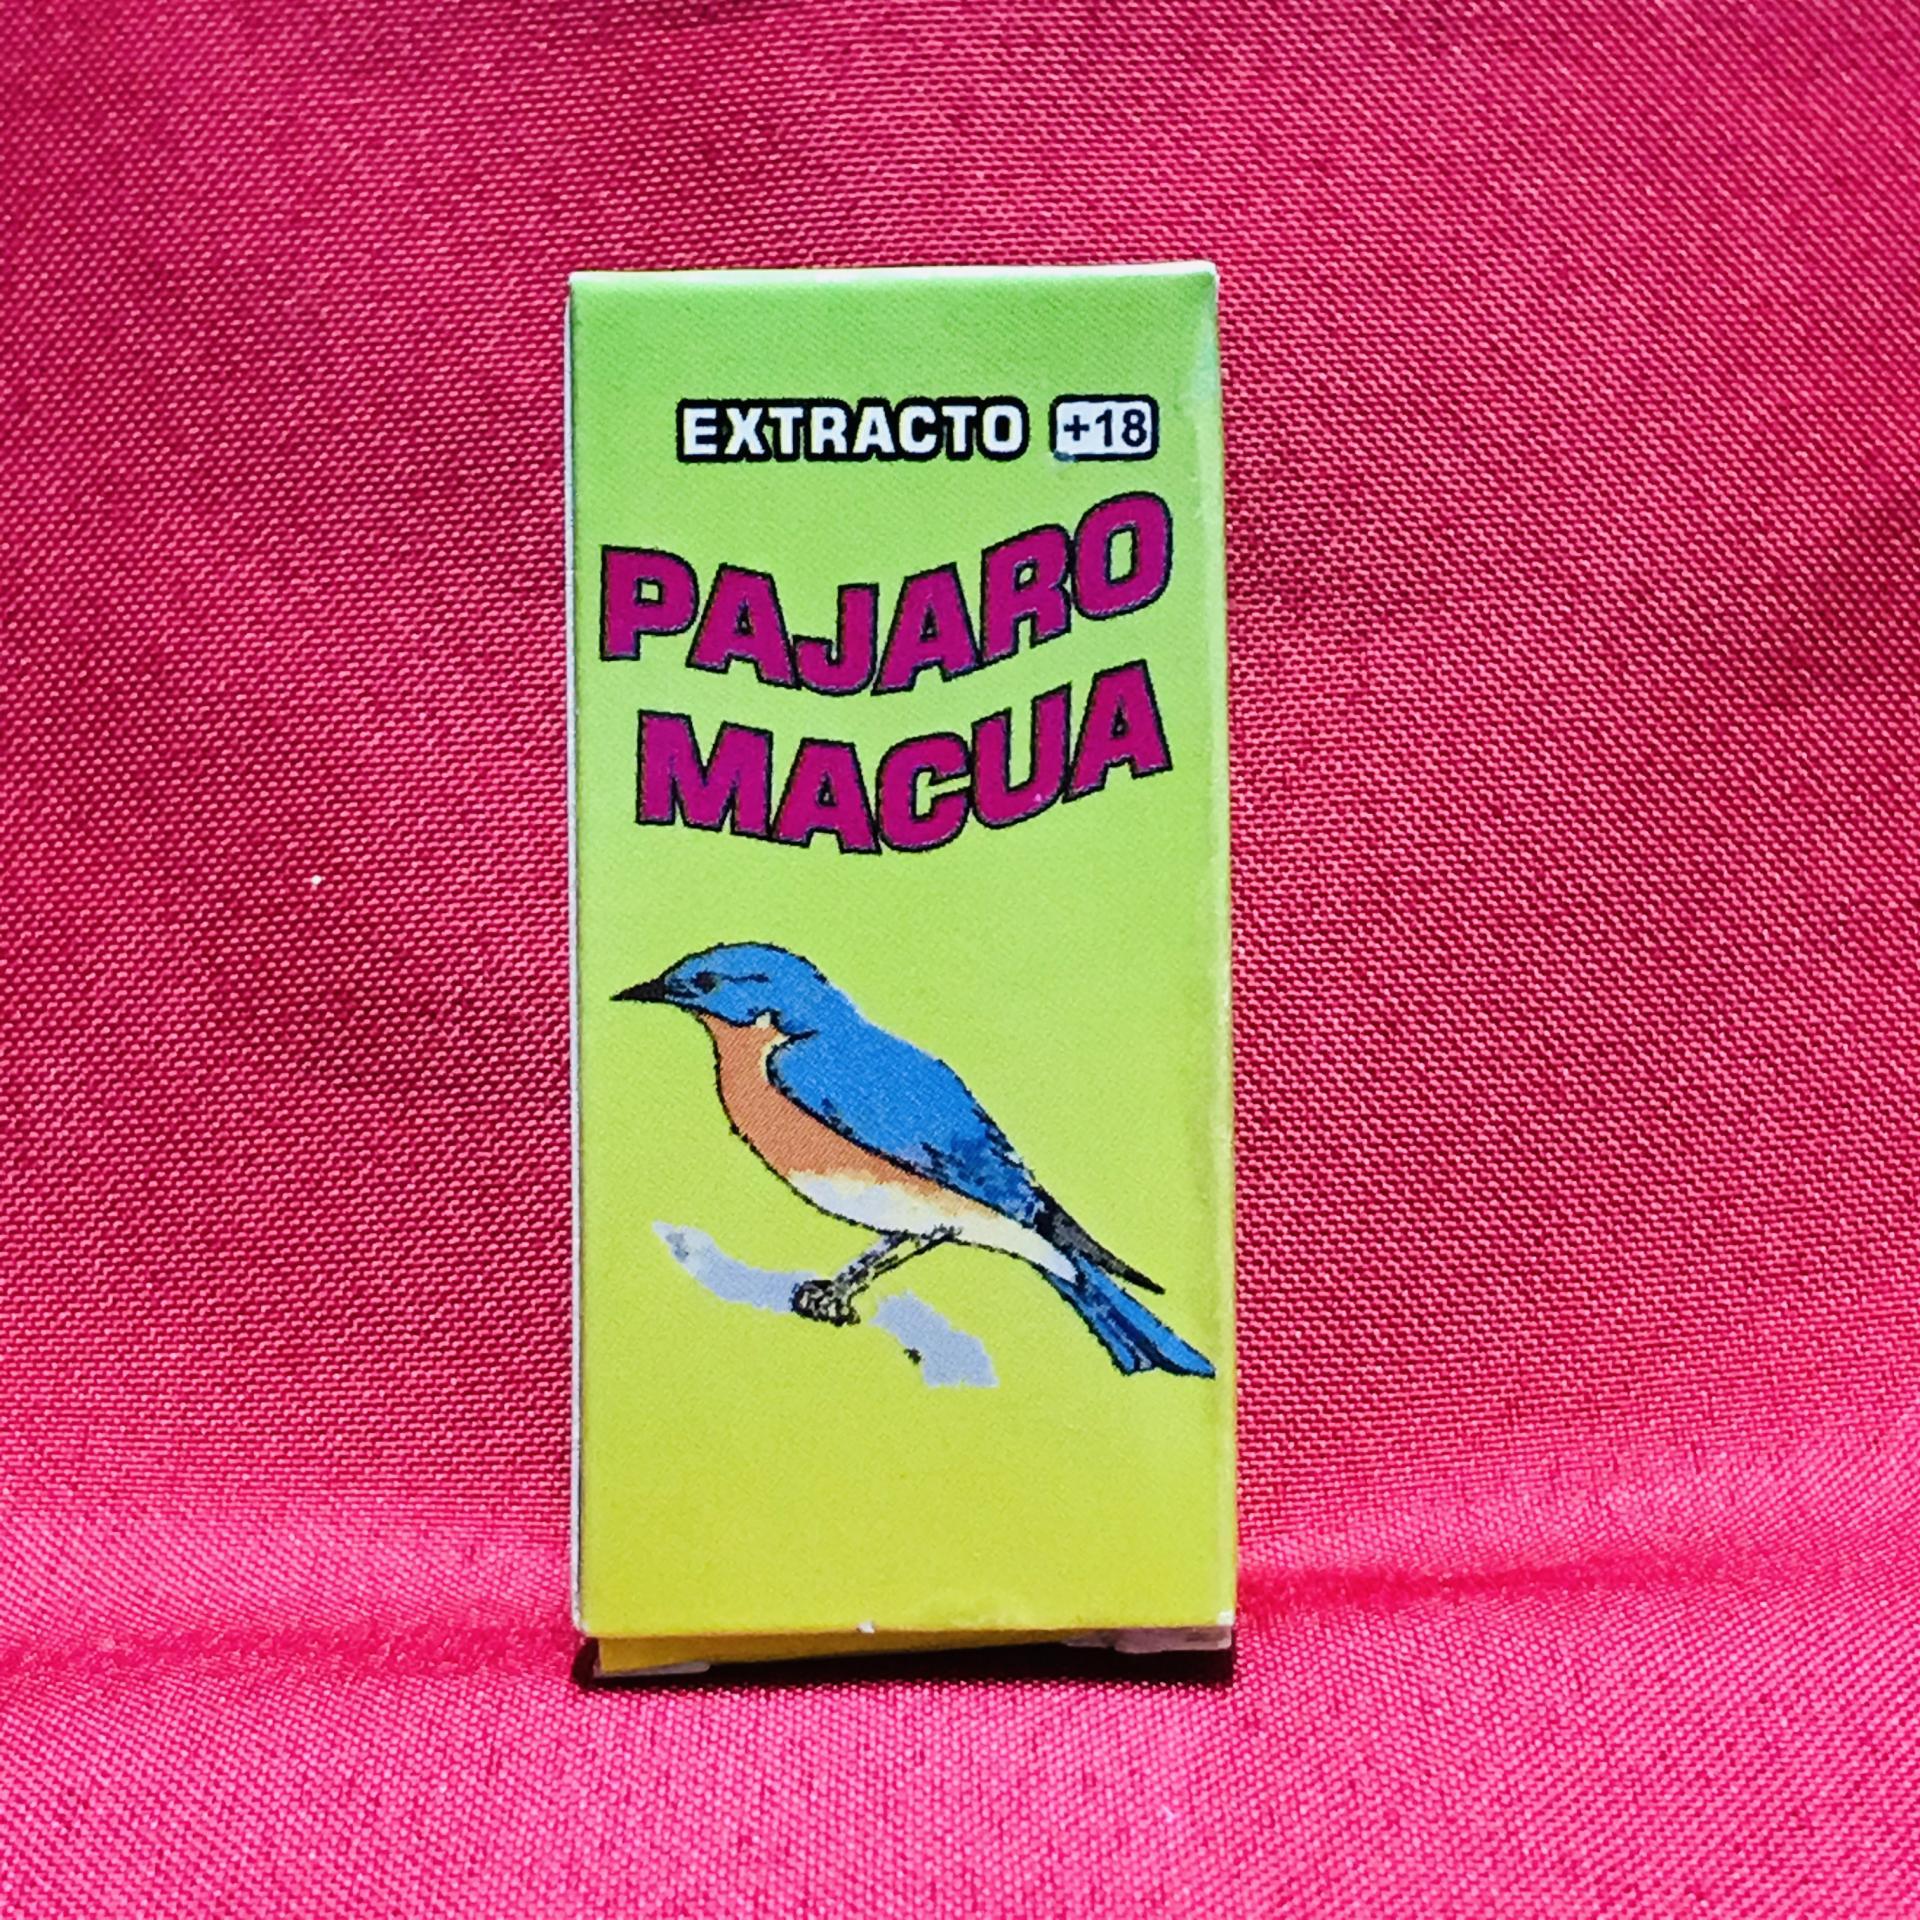 Pajaro Macua Extracto - Macua Bird Extract